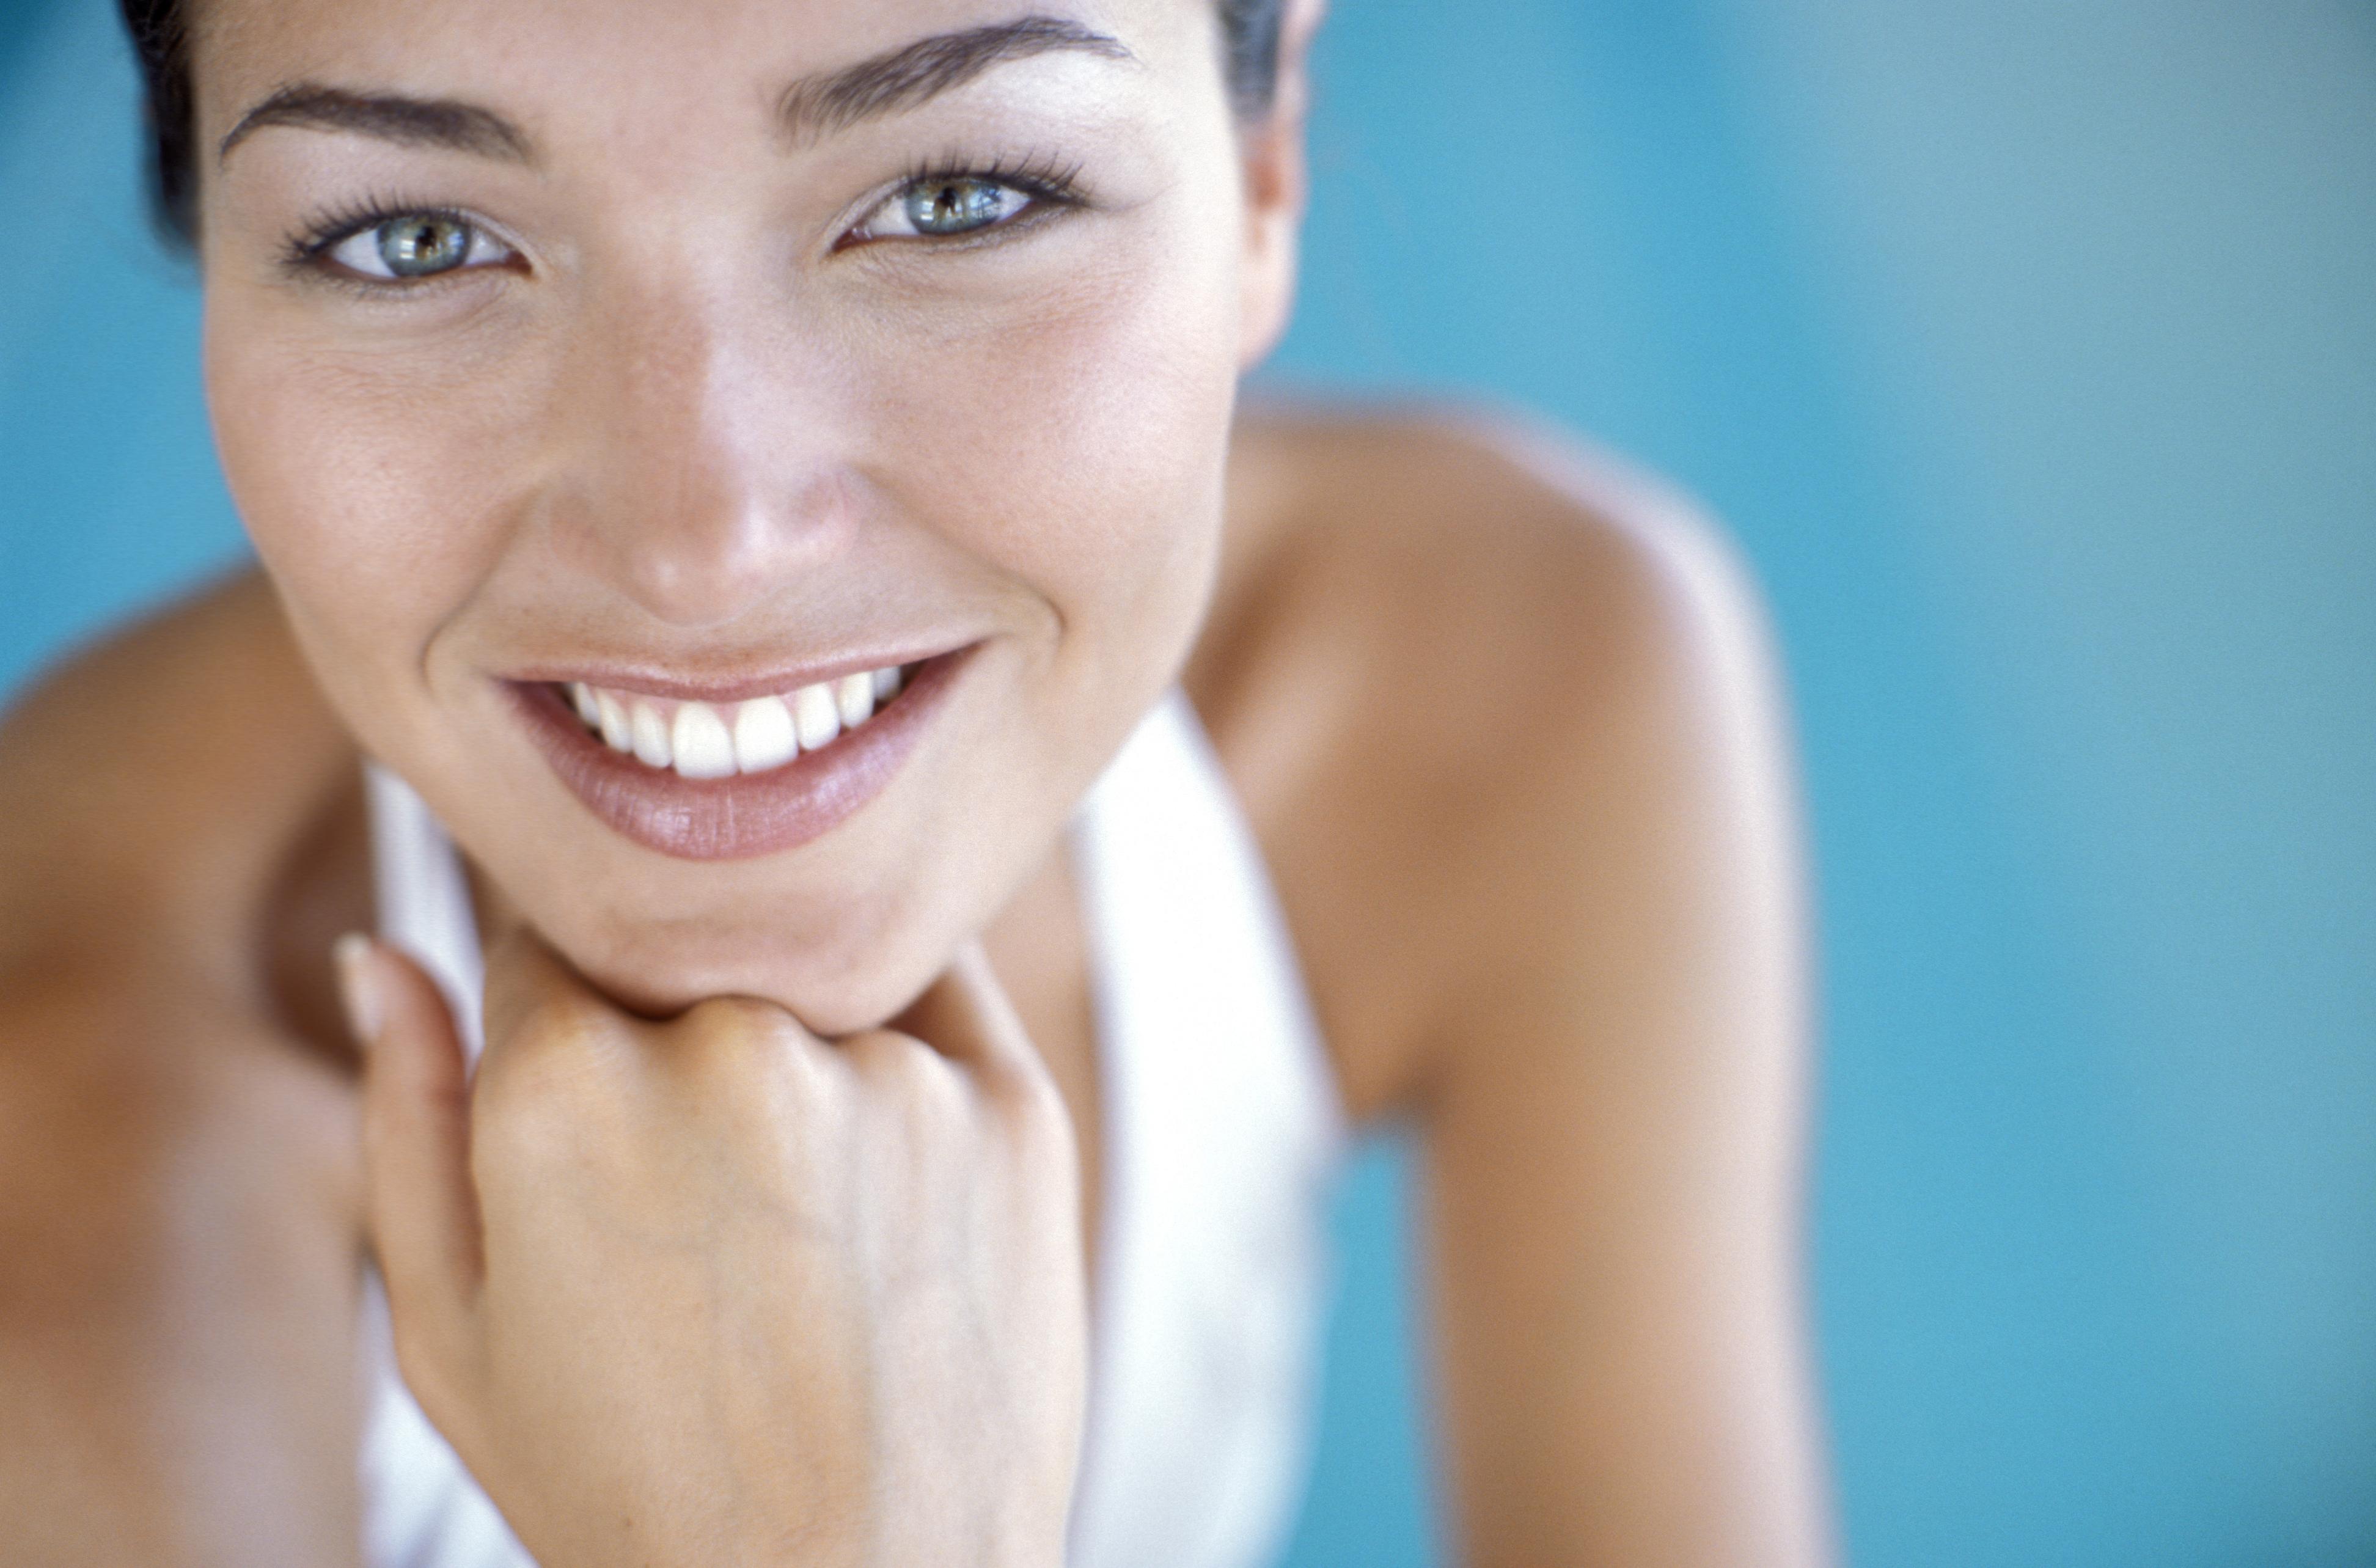 Mesoplastia ajuda a refirmar a pele e a apagar o envelhecimento